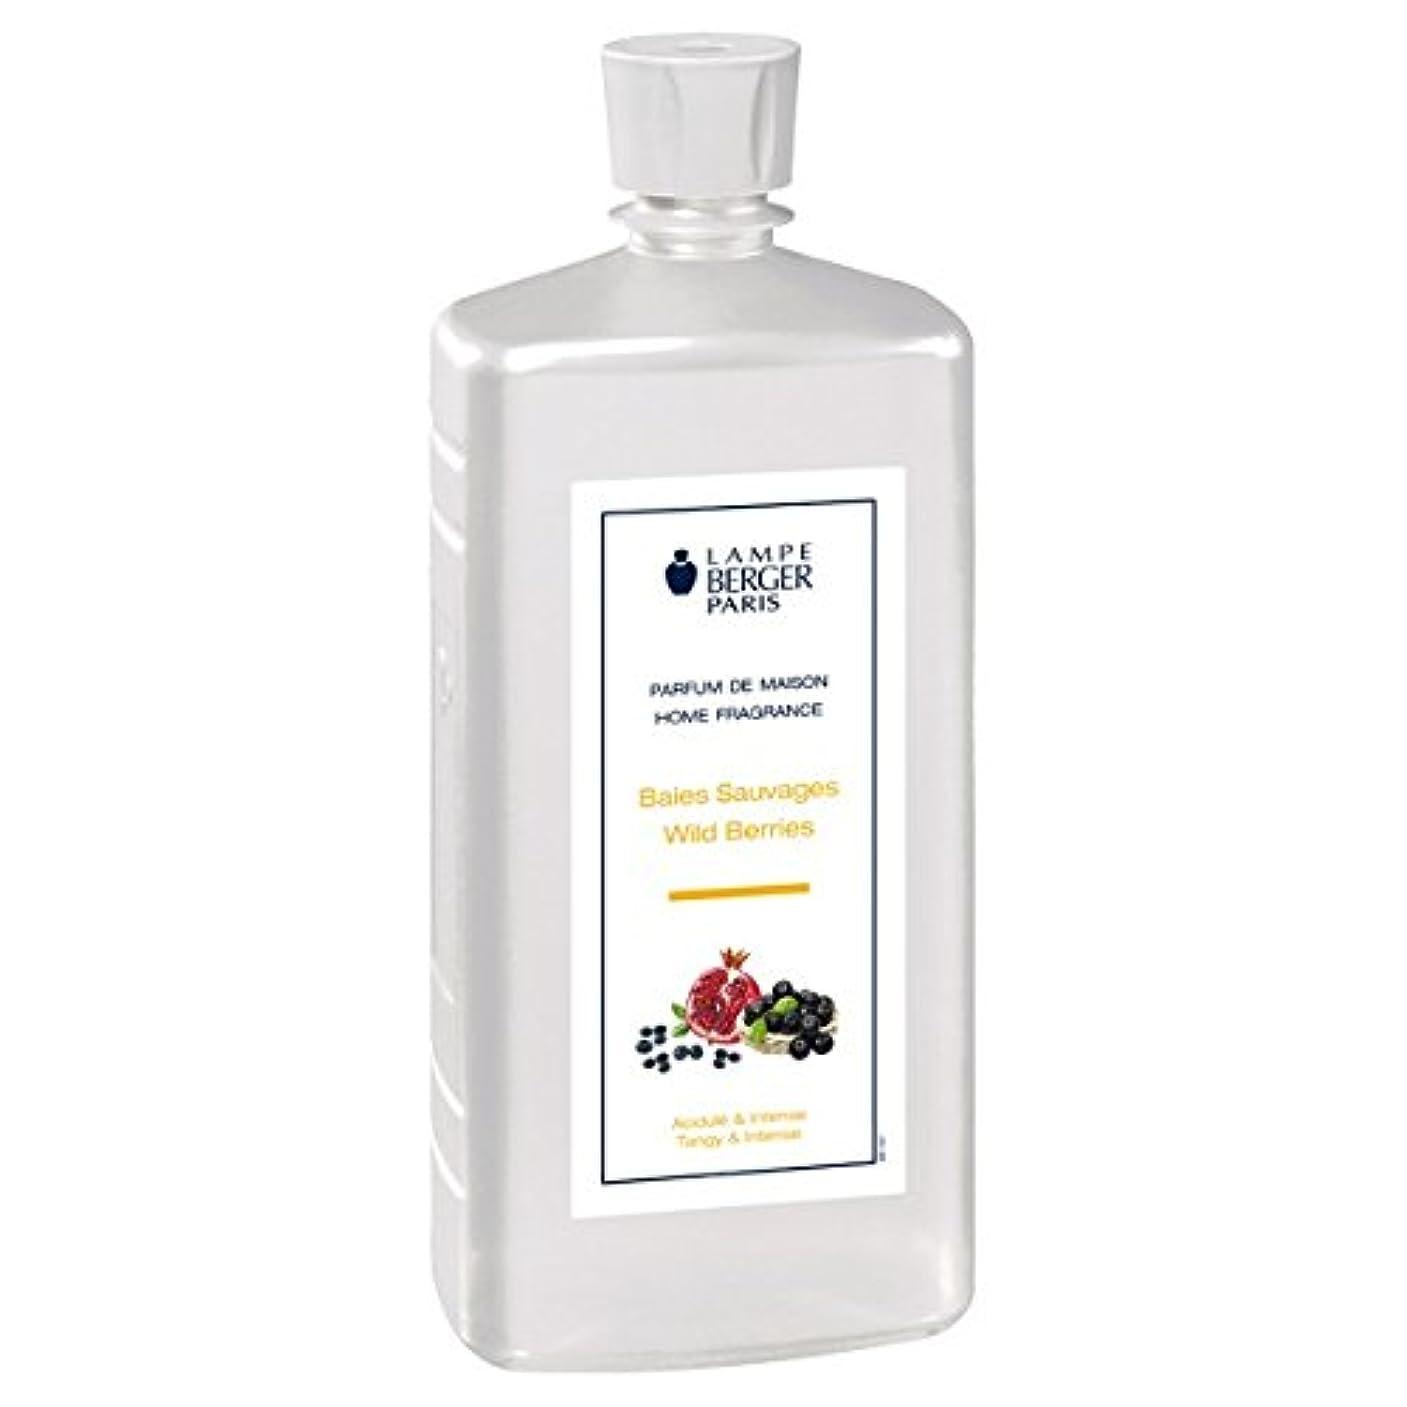 ゆるくマスタードゴールデンランプベルジェパリ直輸入パフュームアロマオイル1Lワイルドベリーズの香り(甘いリキュールの香りがアクセントでラストのレッドドラゴンフルーツやムスクなどの優しいハーモニーの香り